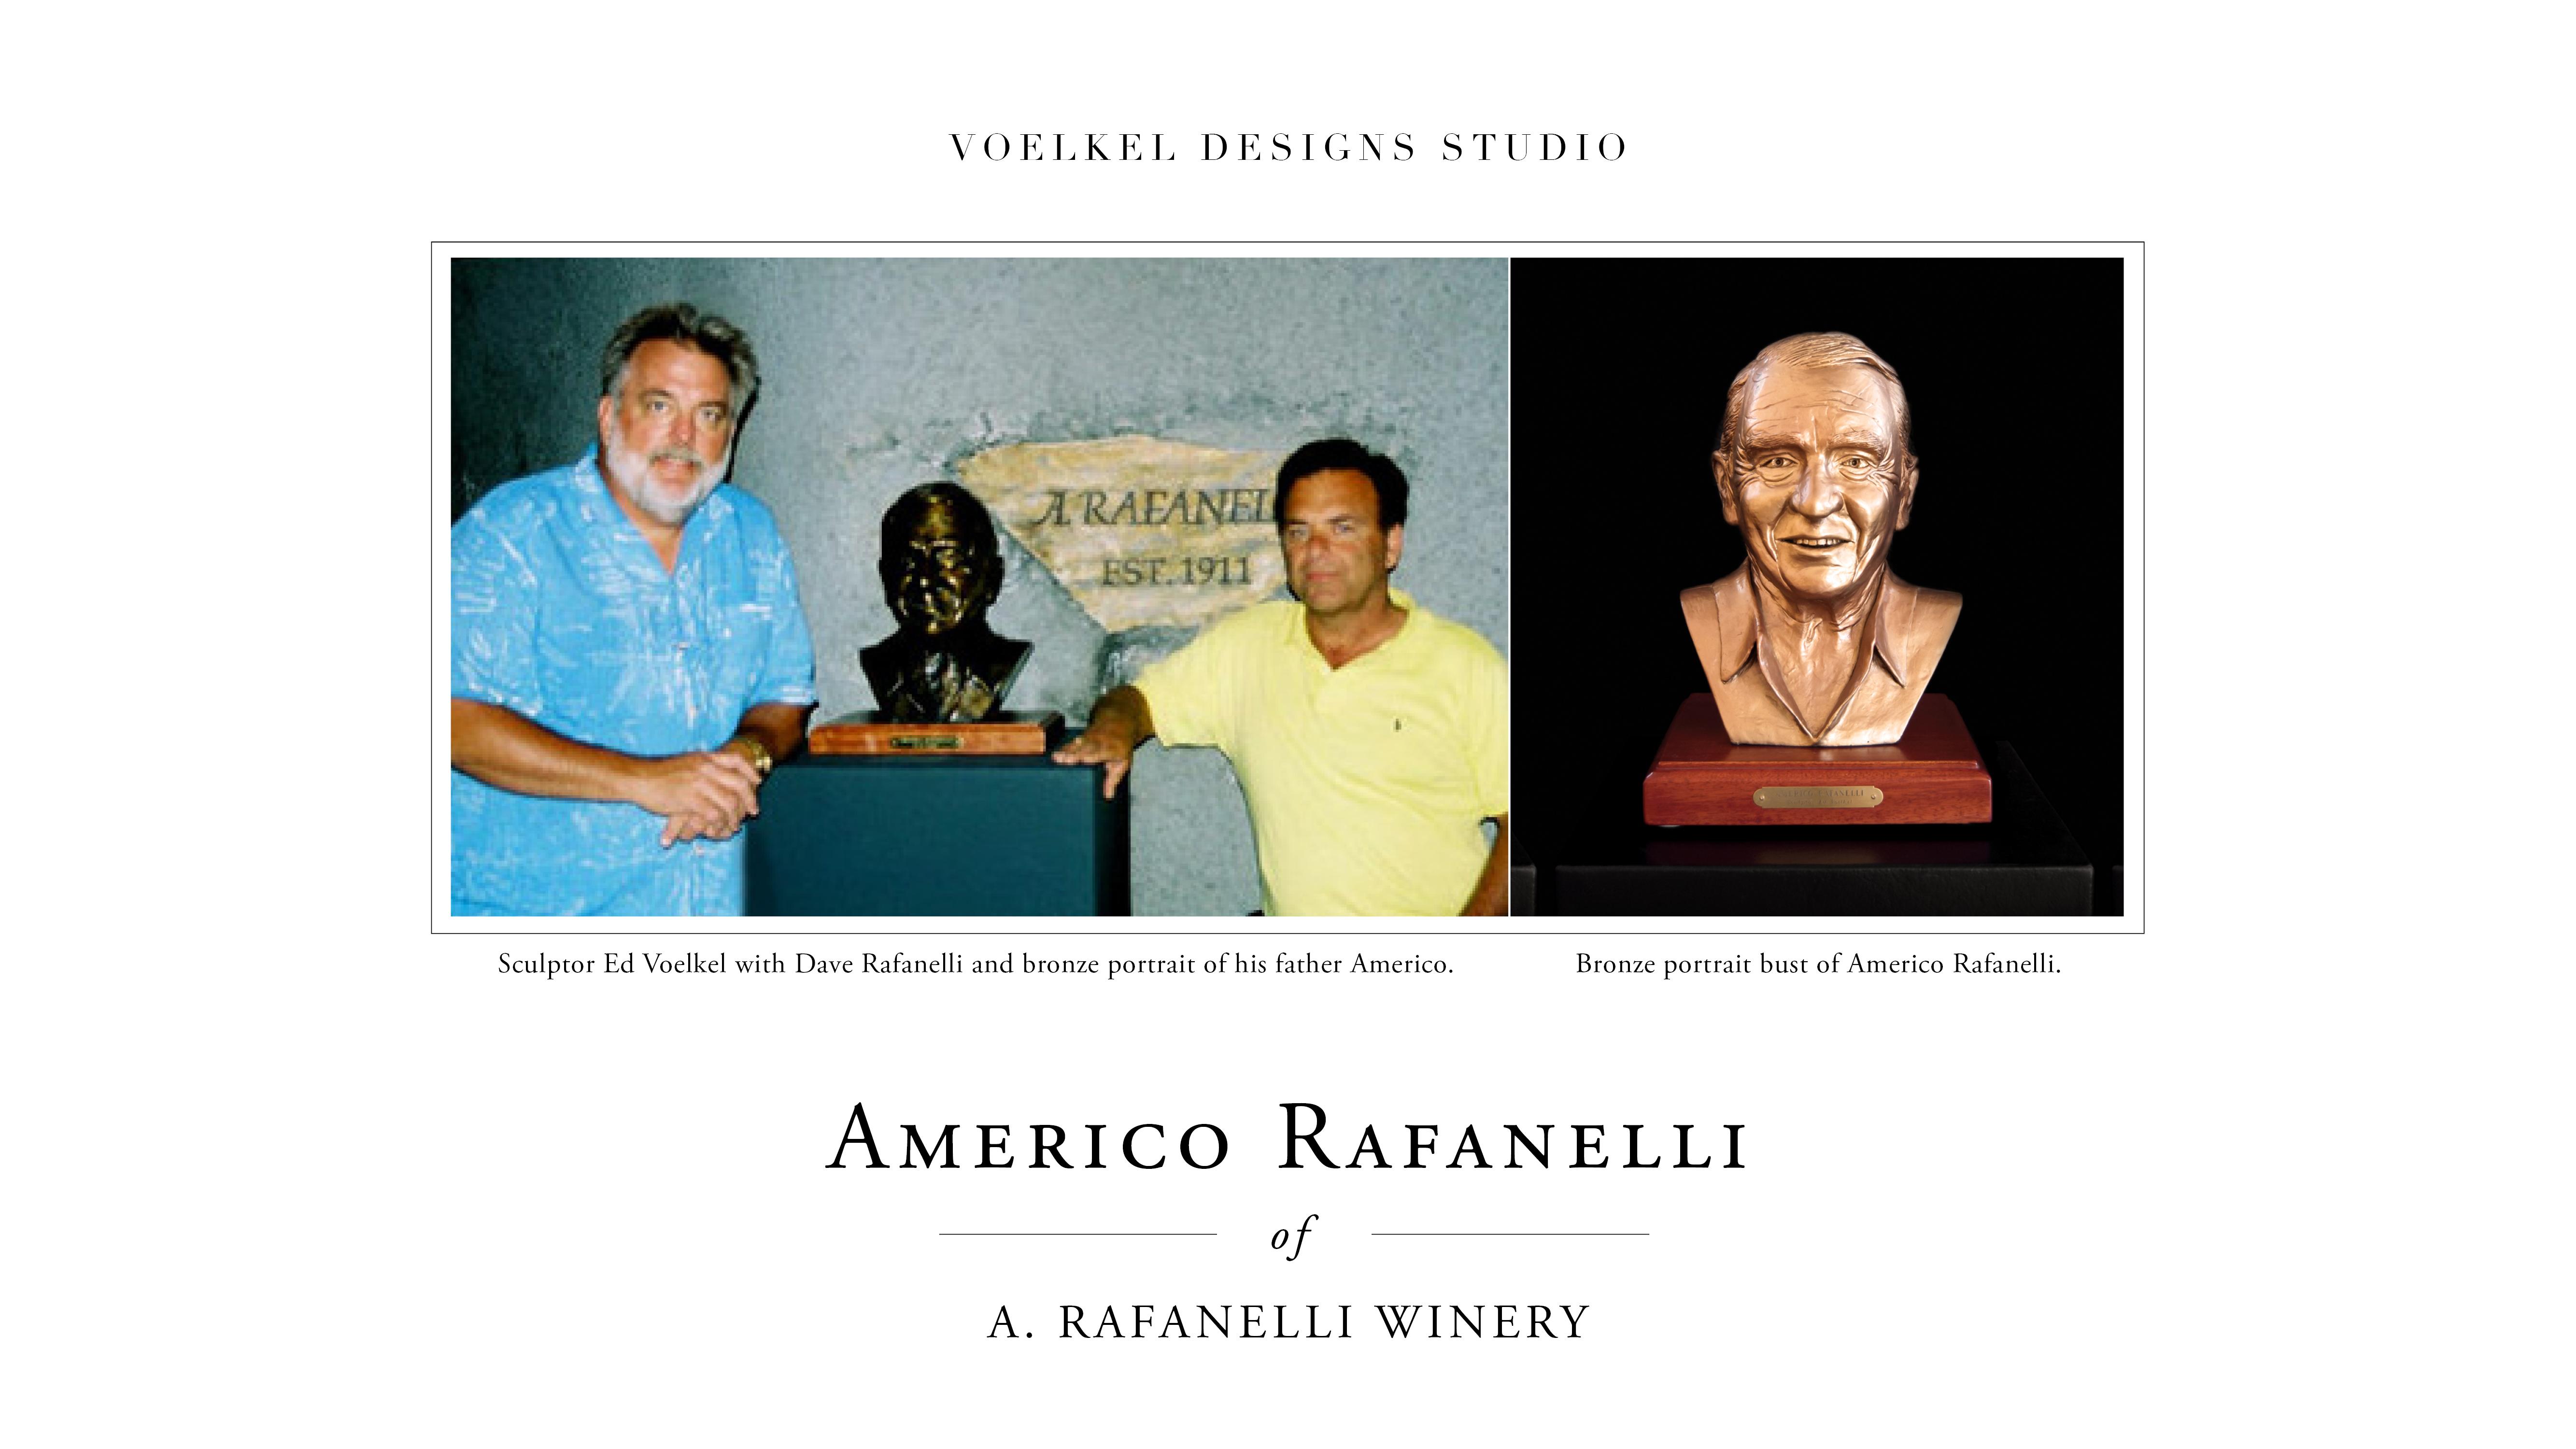 voelkel designs studio the ultimate in artistic luxury